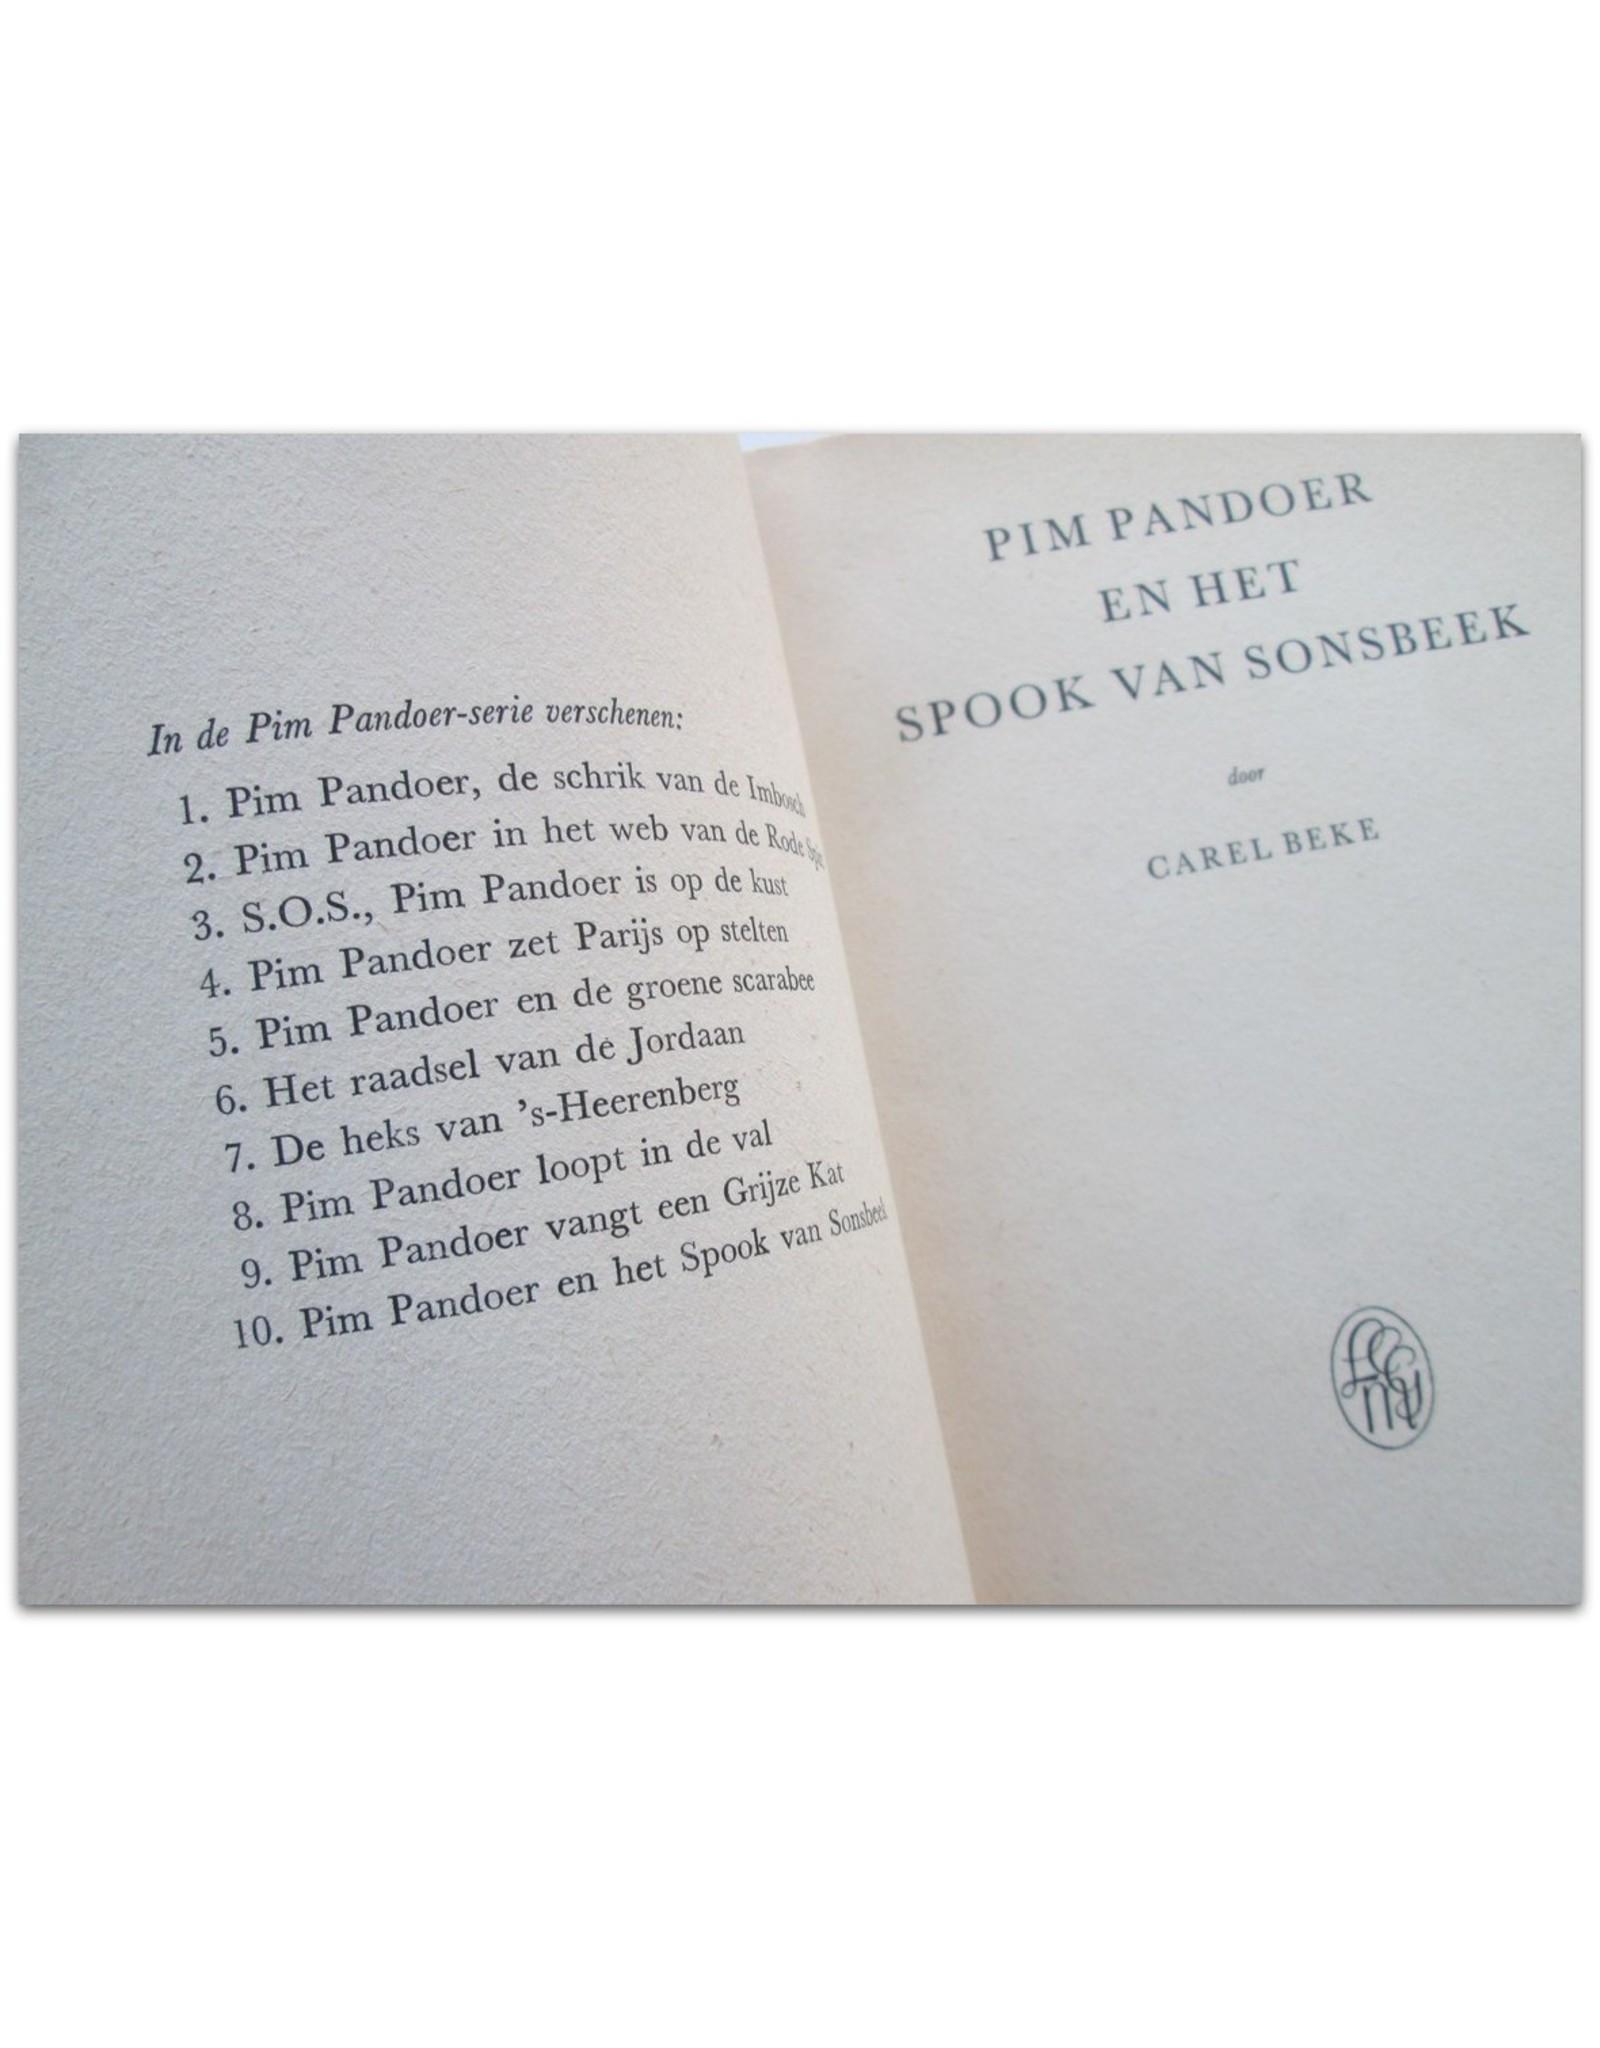 Carel Beke - Pim Pandoer en het spook van Sonsbeek